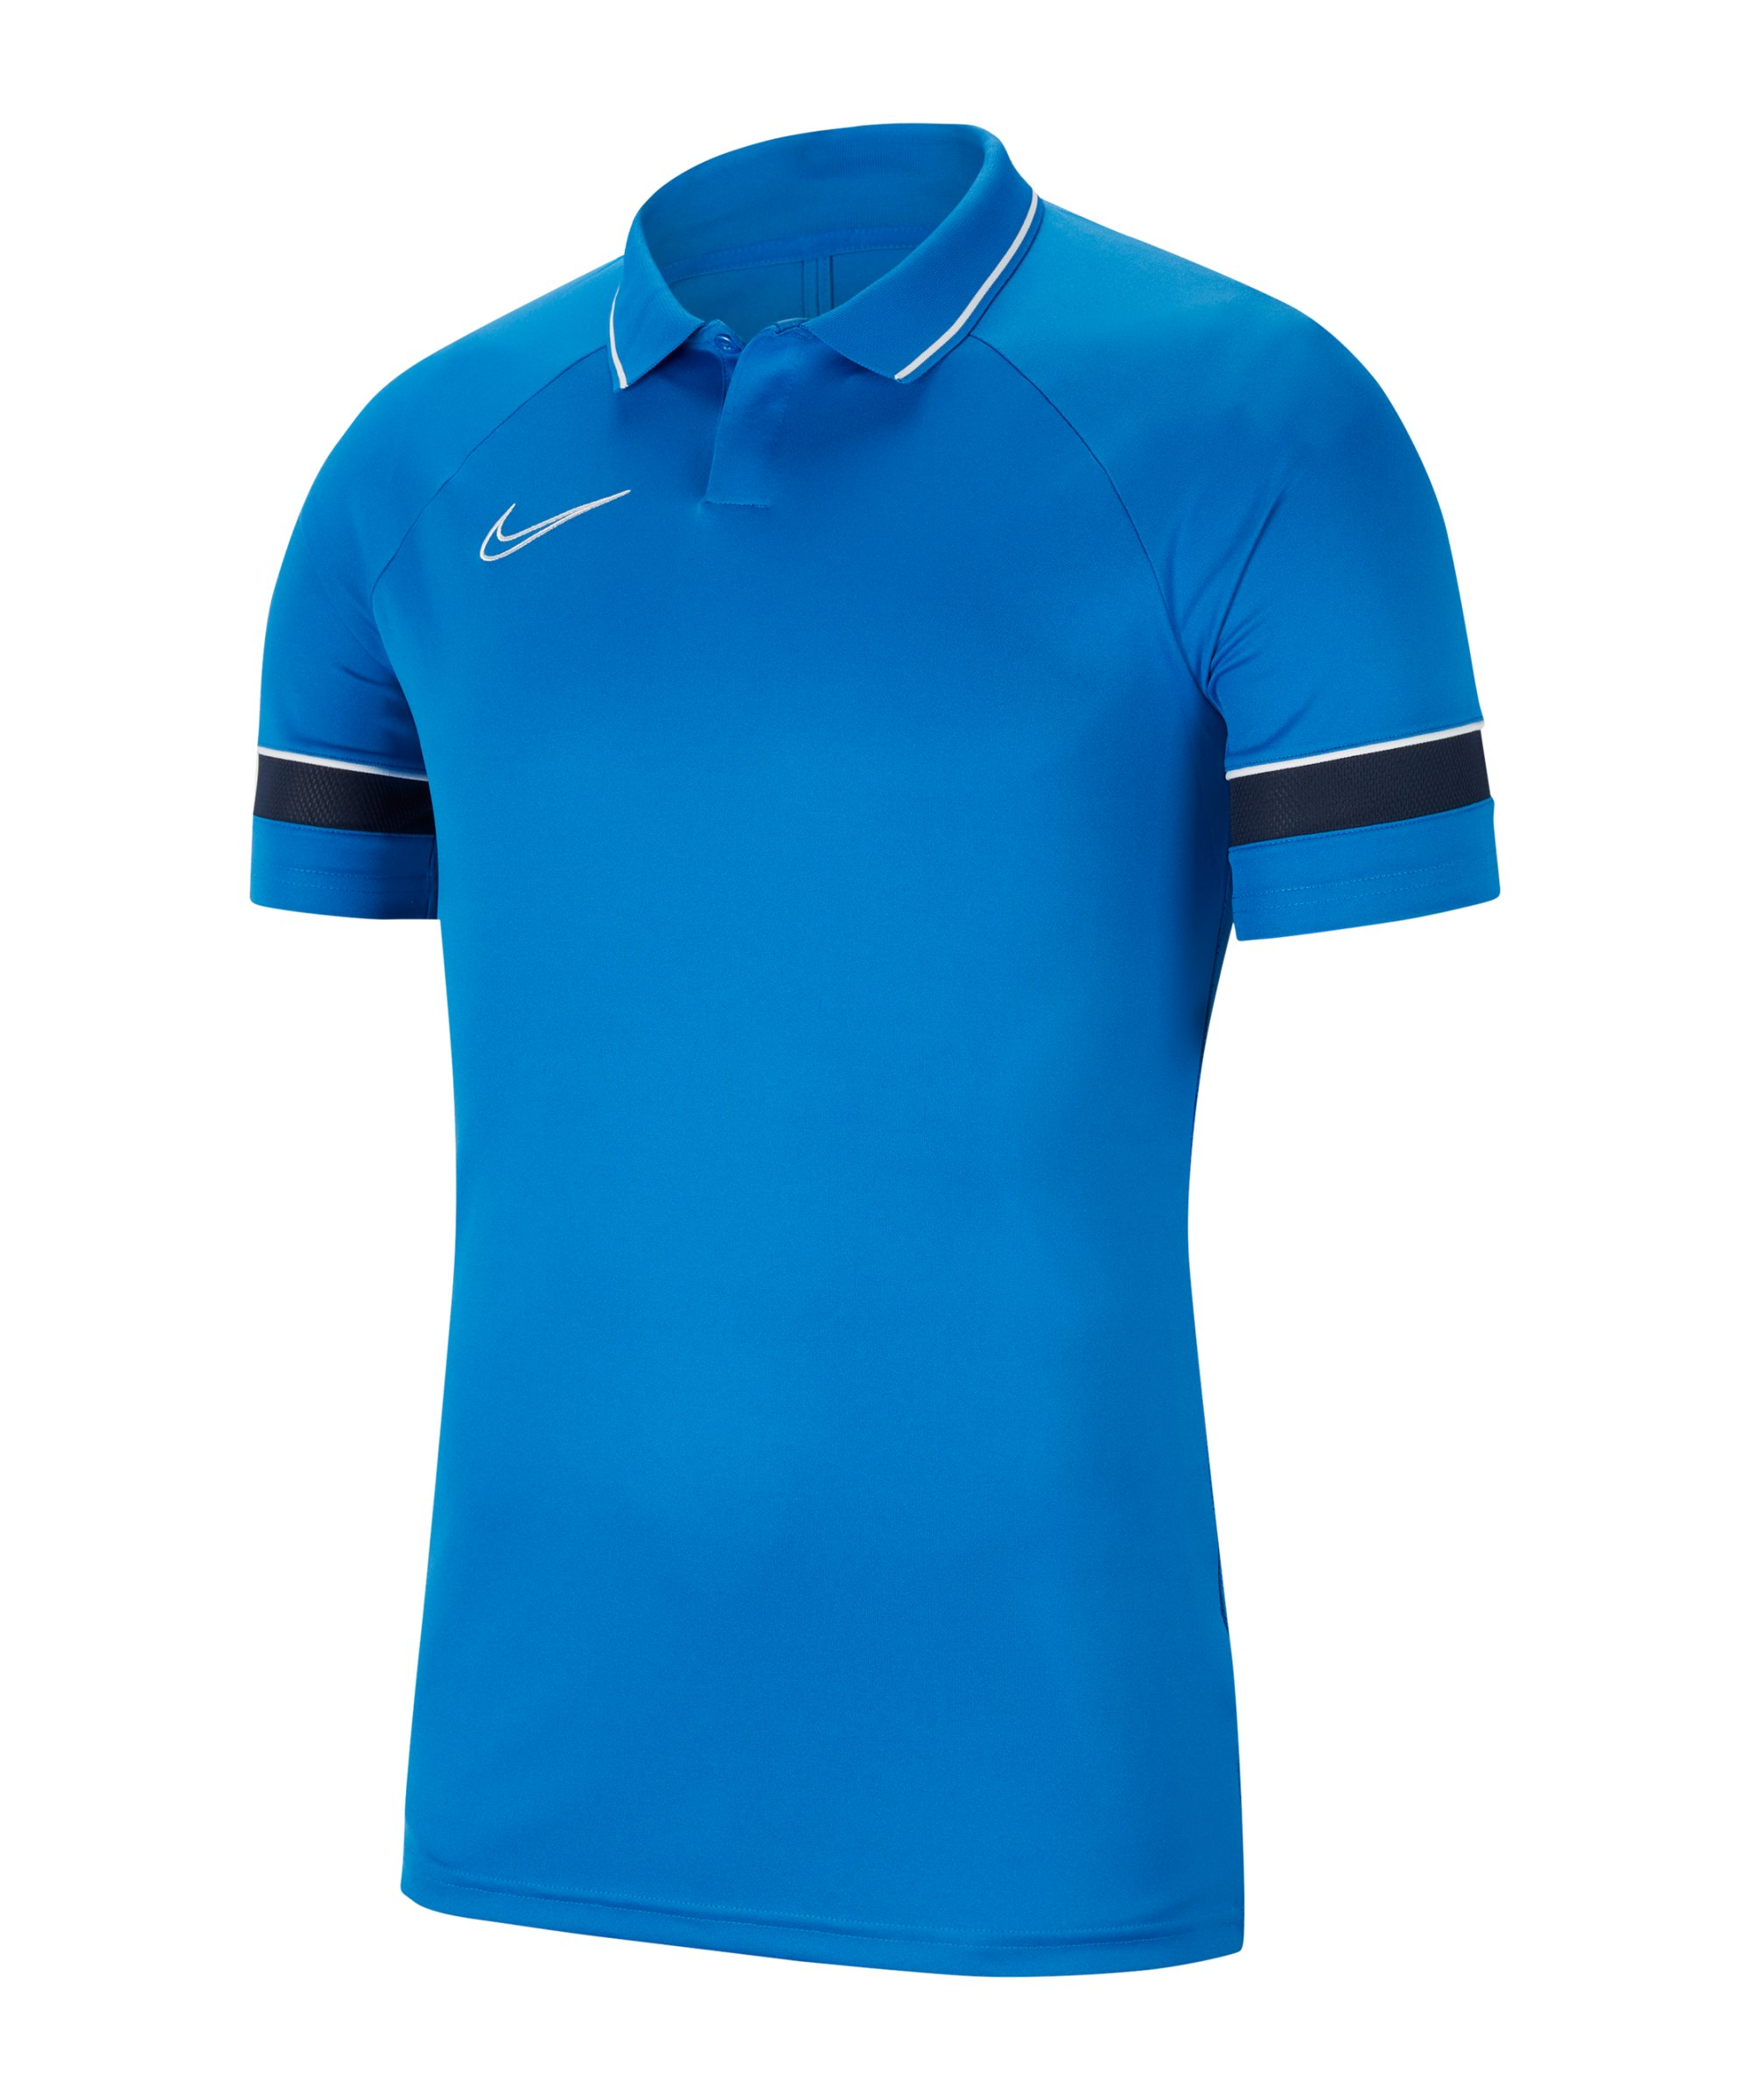 Nike Academy 21 Poloshirt Blau Weiss F463 - blau